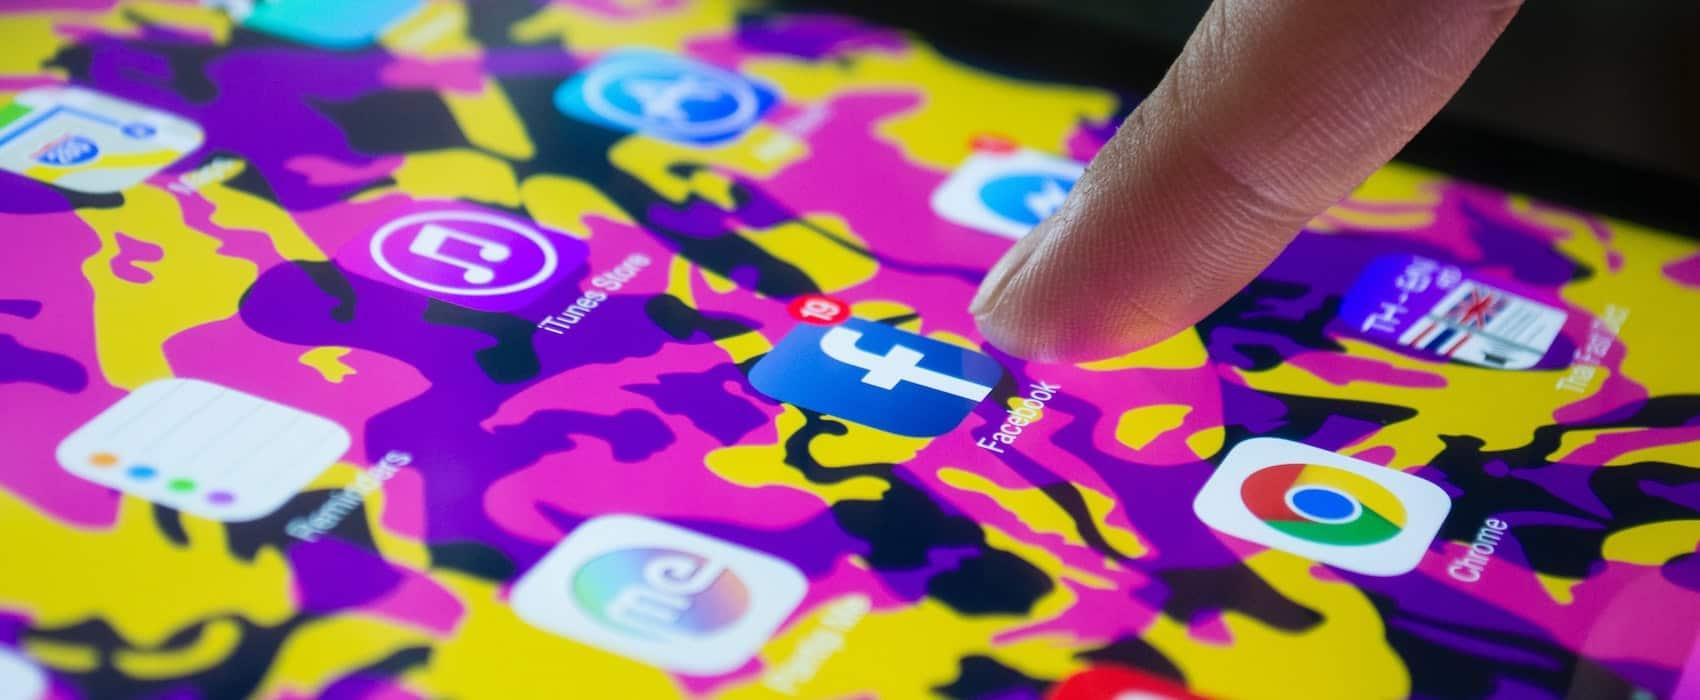 facebook fined - Sked Social